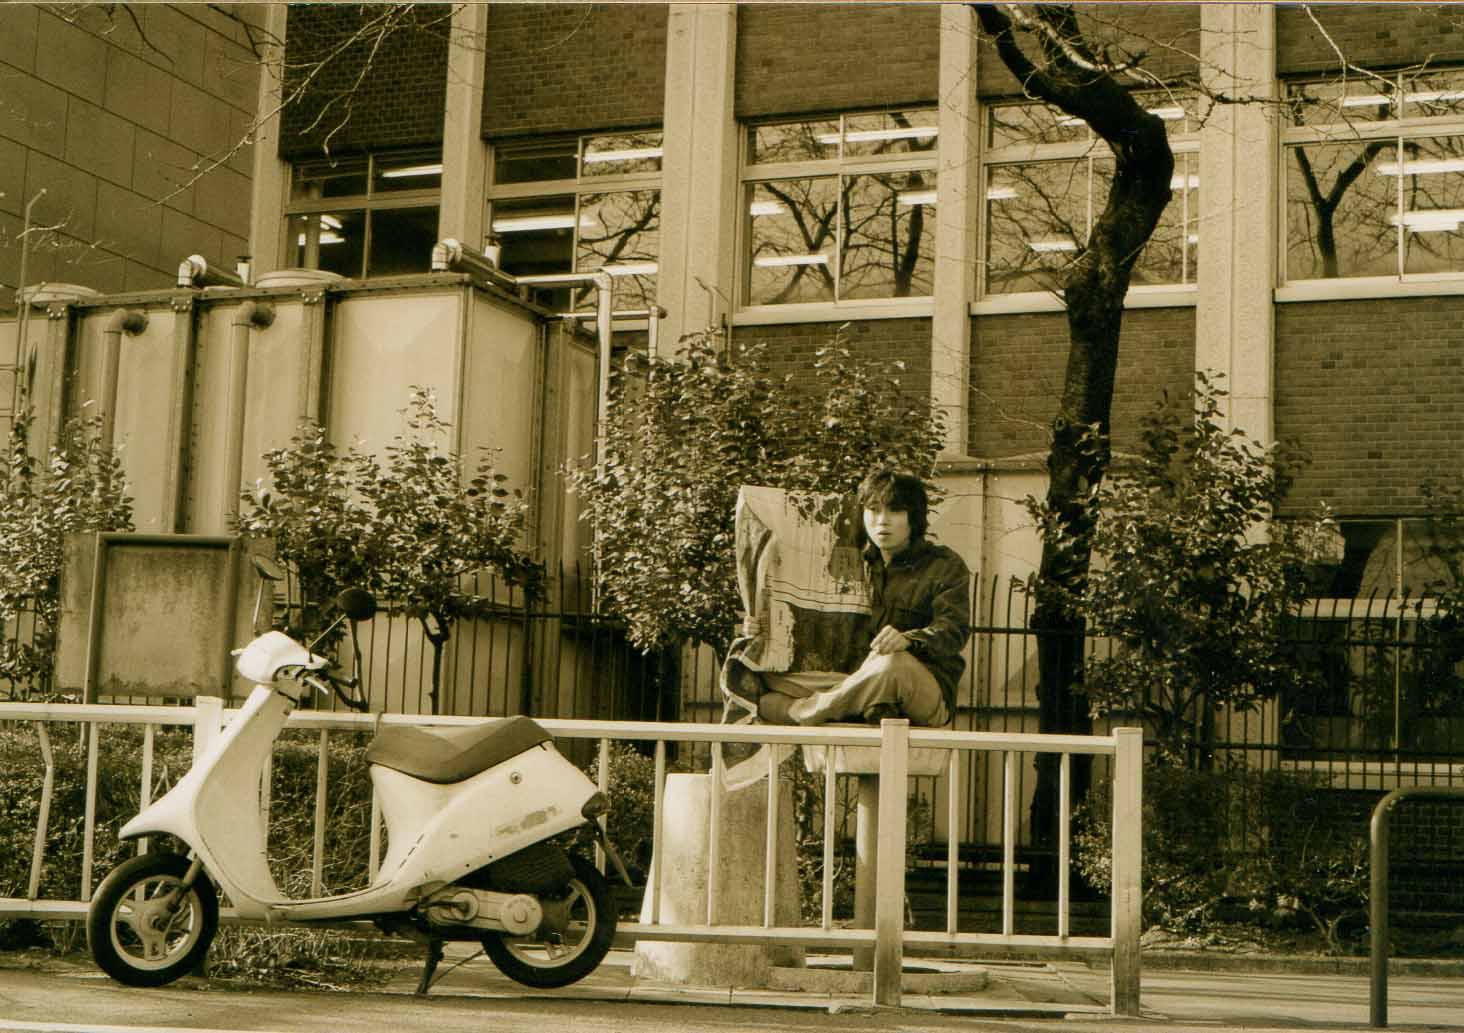 セピアバイク2